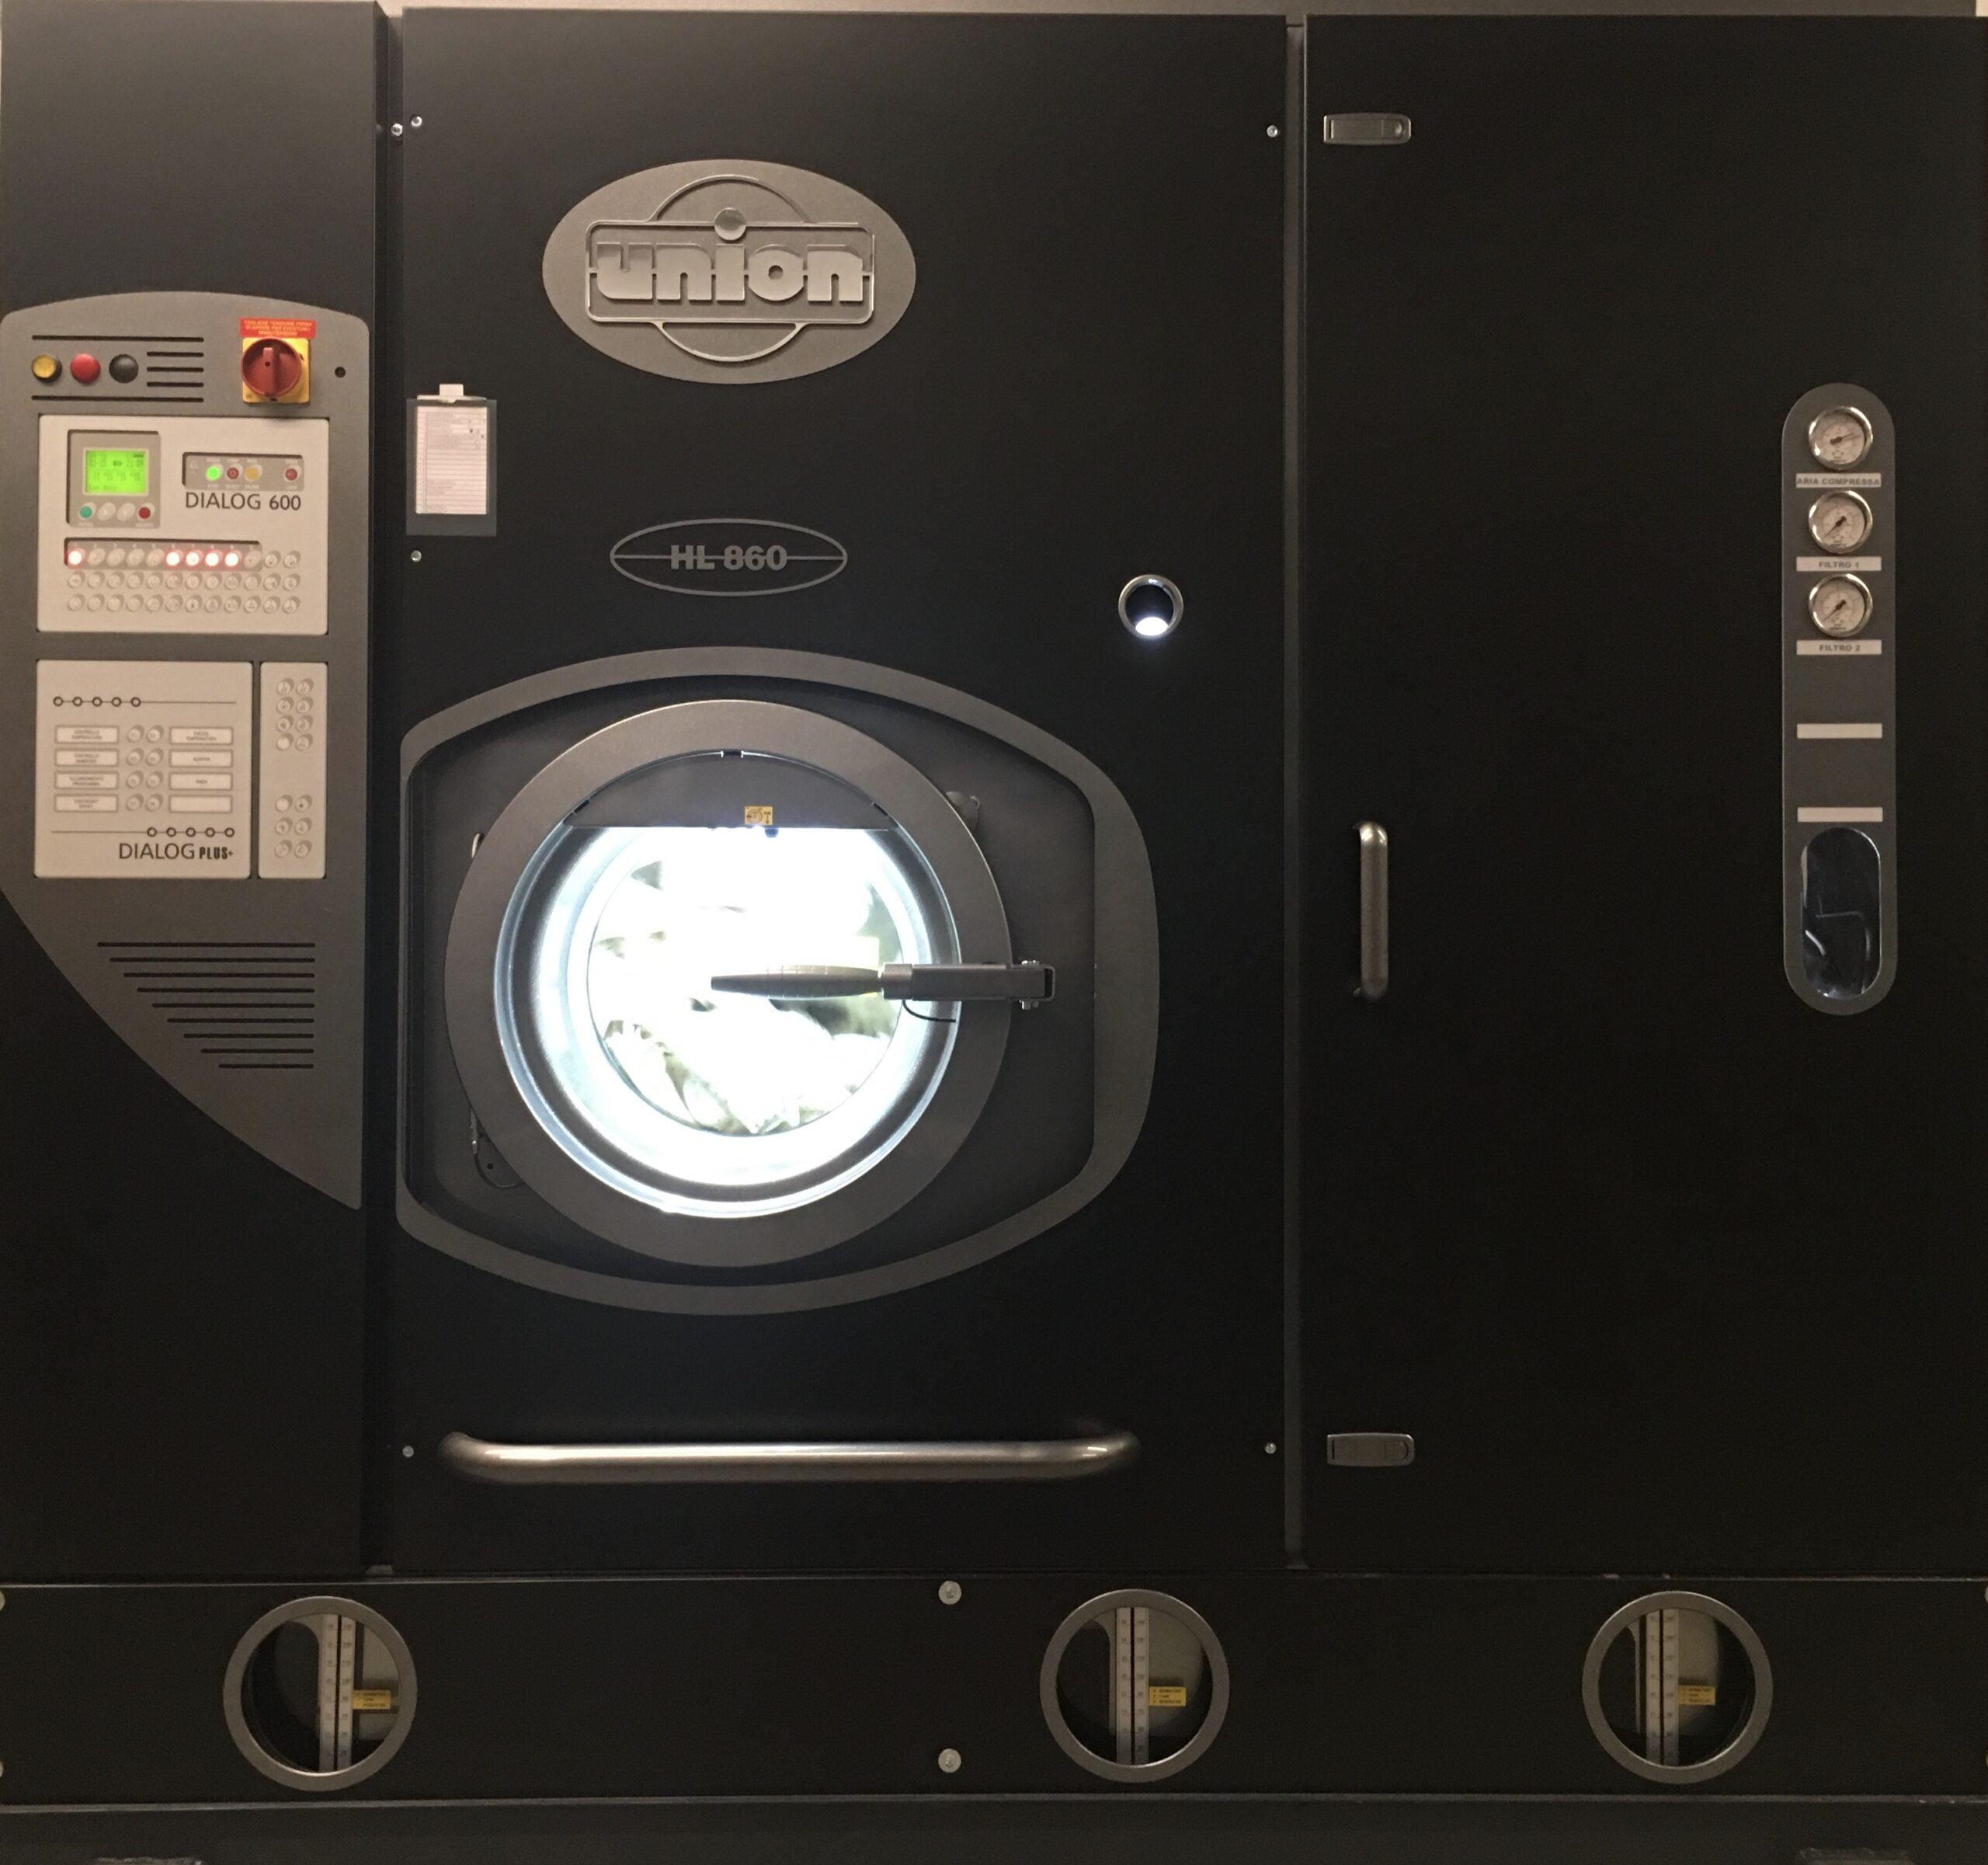 Macchina a secco UNION.Utilizziamo,per quanto riguarda i lavaggi a secco,macchinari UNION di ultima generazione e leader mondiale del settore.